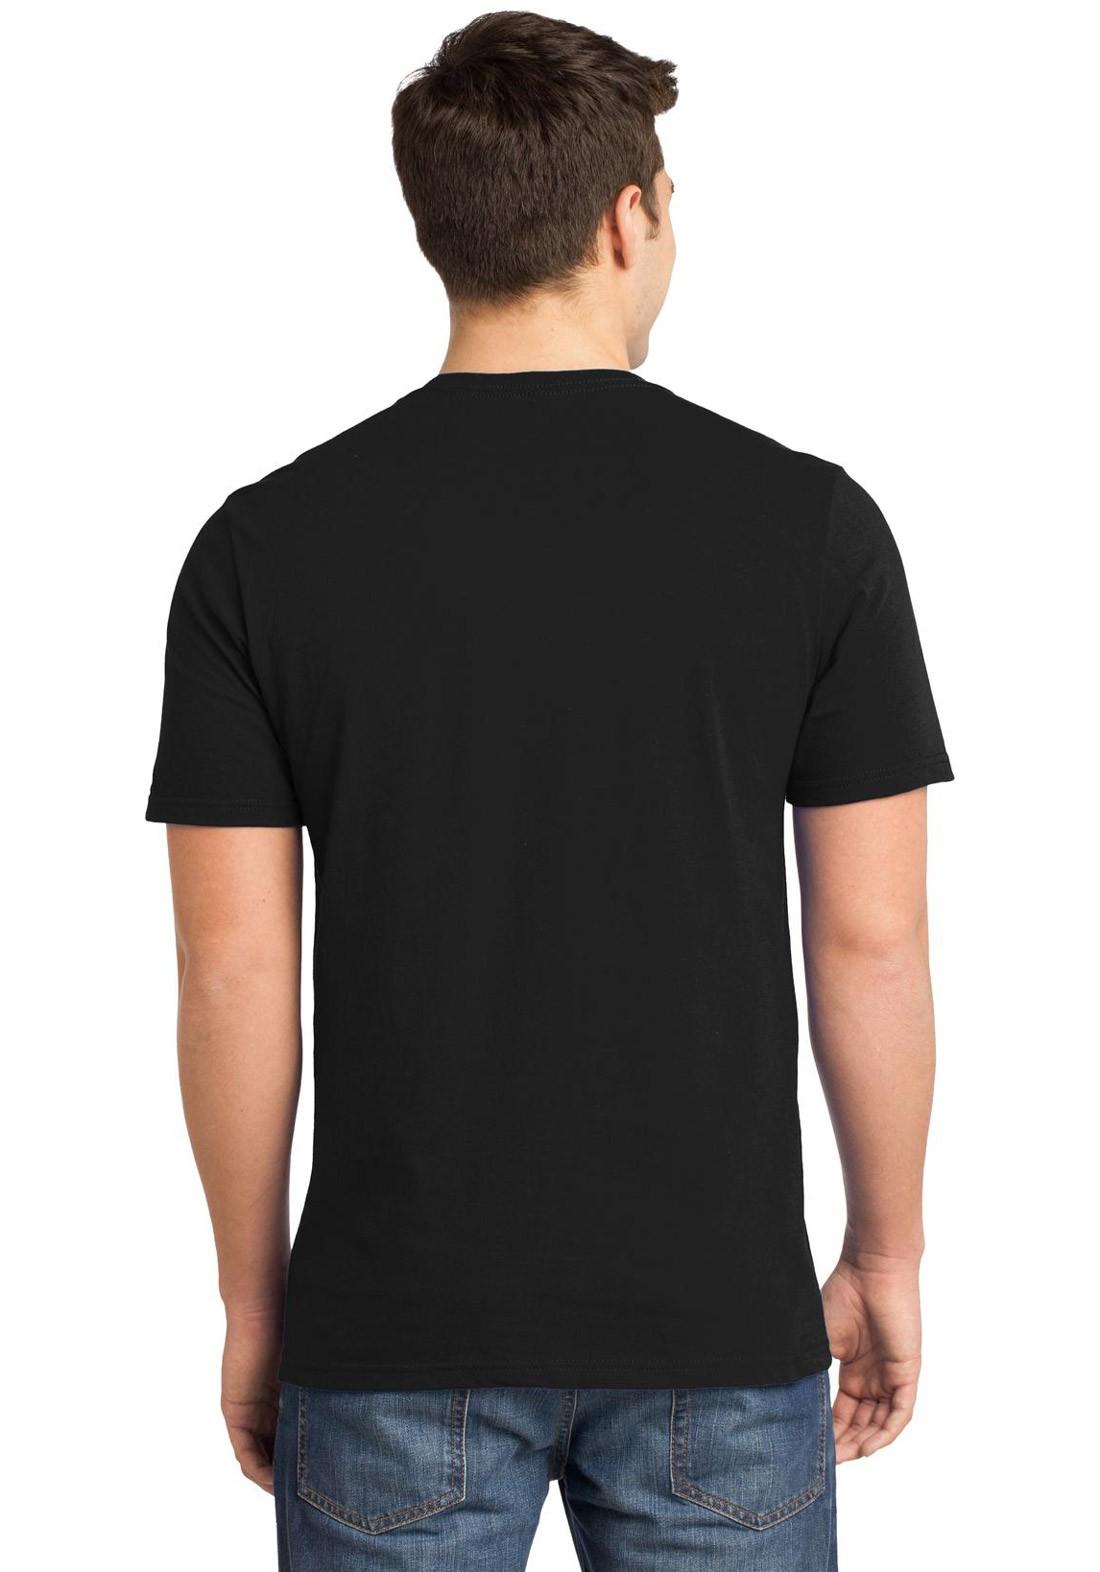 Camiseta Masculina Universitária Faculdade Direito